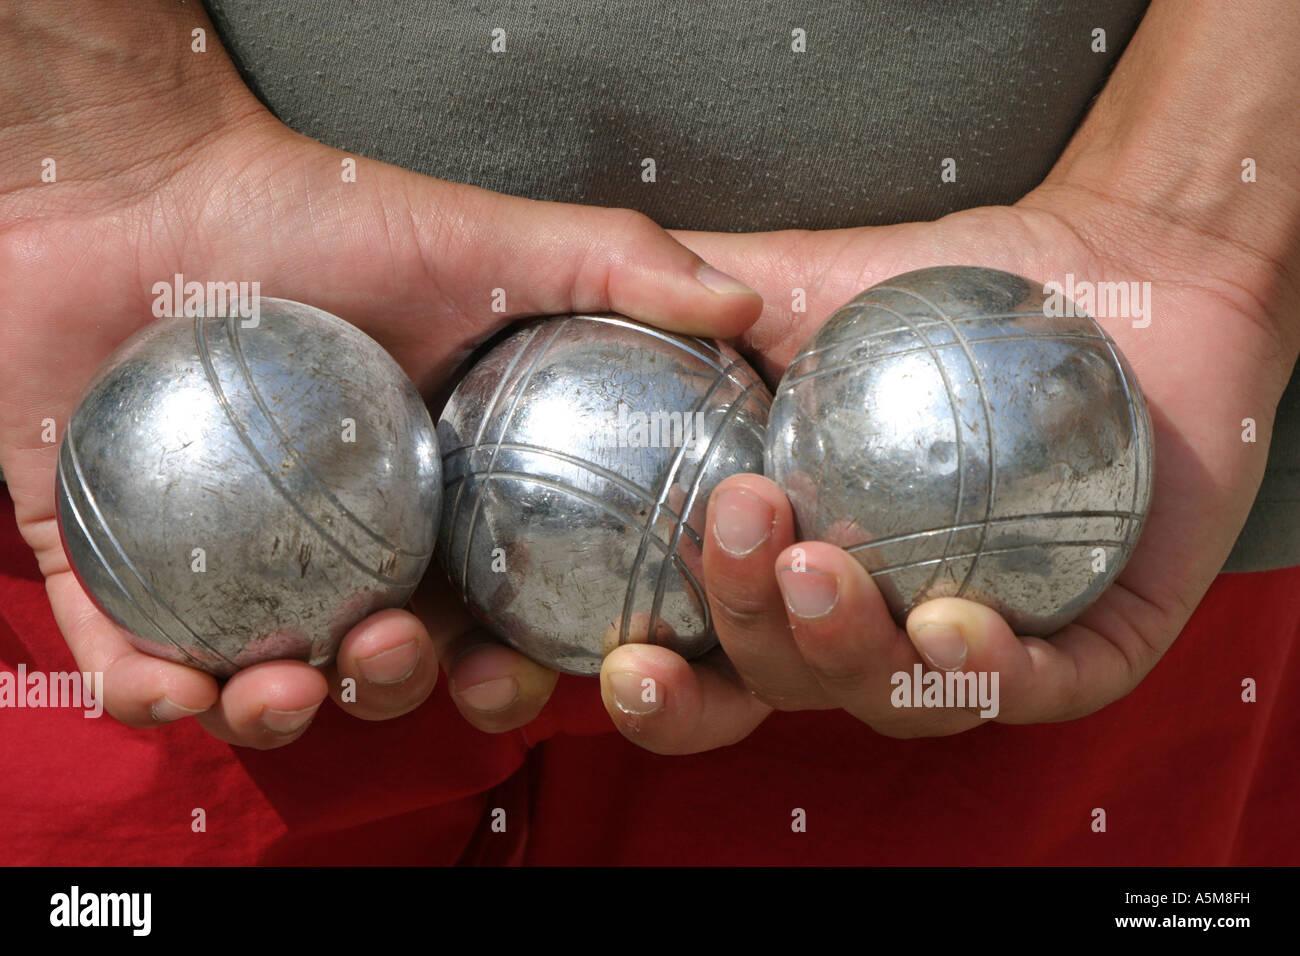 Boule Boulekugeln Hand Hände Körperteil Finger hand hands body part ...